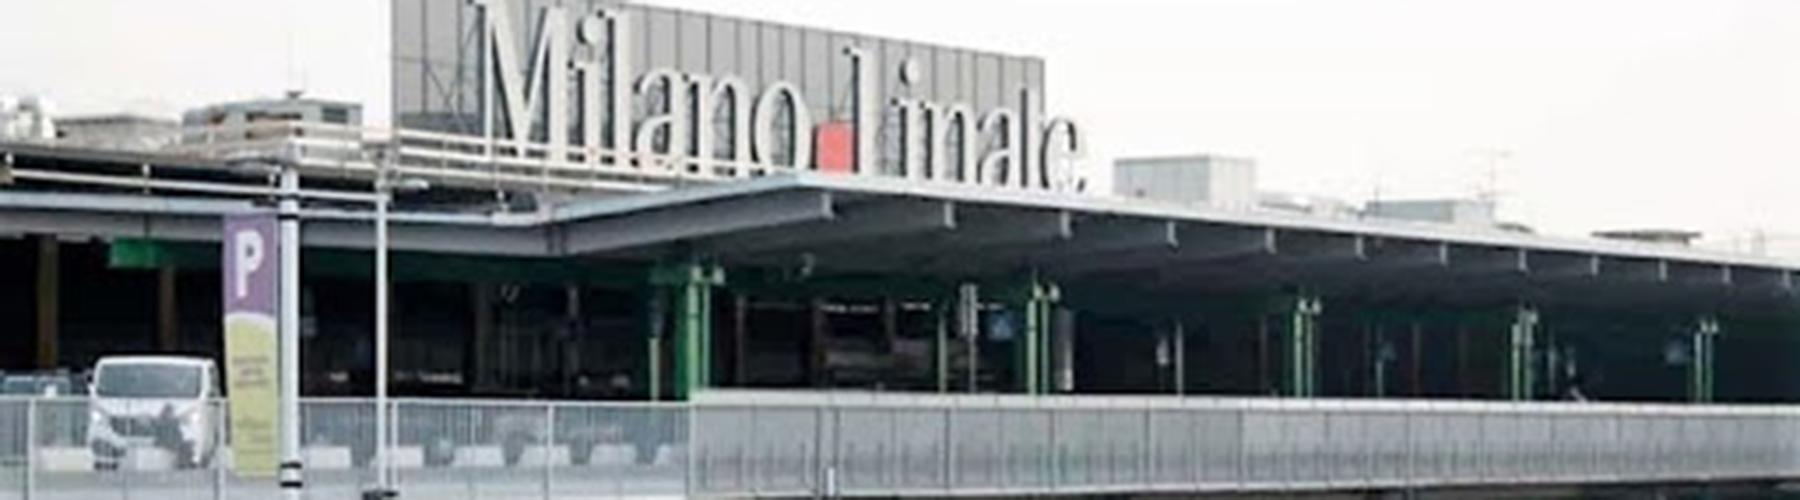 Mailand – Hostels in der Nähe von Flughafen Linate. Mailand auf der Karte. Fotos und Bewertungen für jedes Hostel in Mailand.